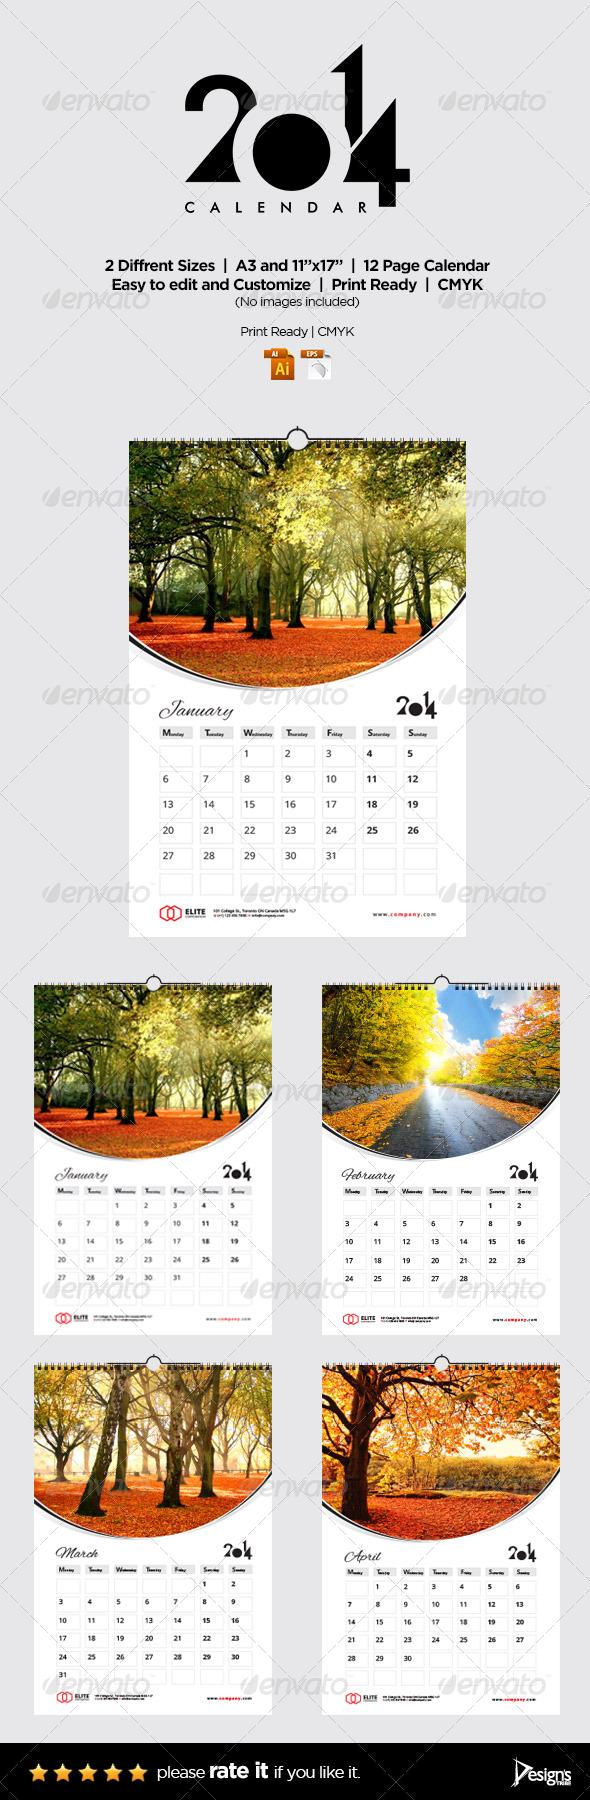 Wall Calendar 2014 Vol 2